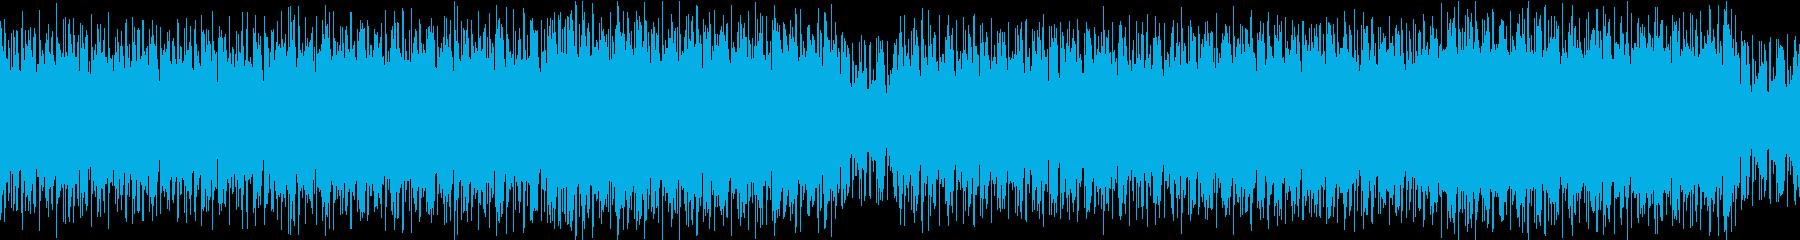 シンセが目立つ疾走感のあるブレイクビーツの再生済みの波形